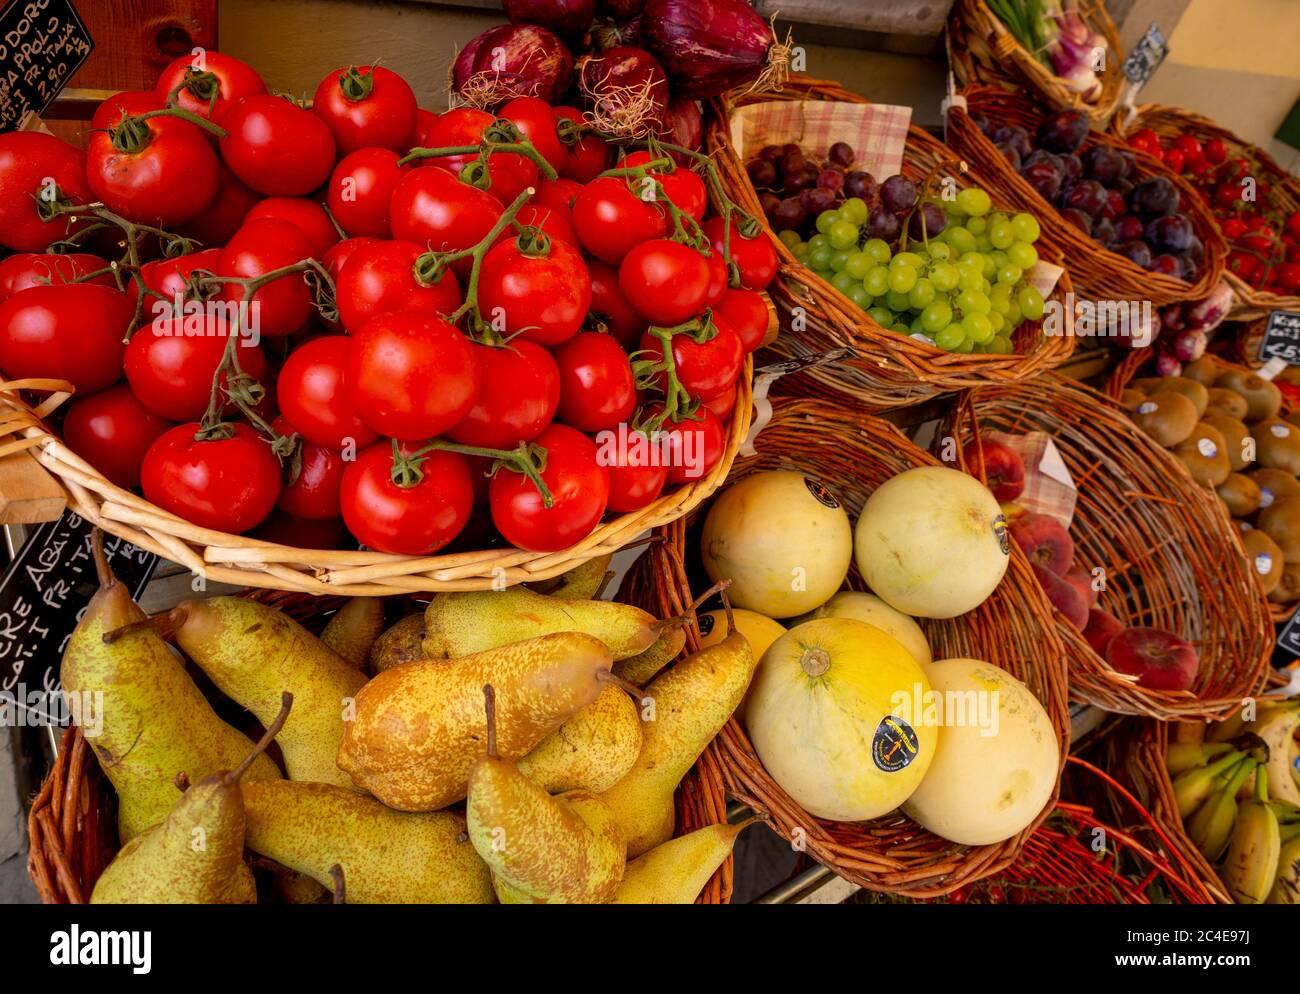 Frutta fresca e verdura esposta in cesti fuori da un fruttivendolo italiano. Foto Stock